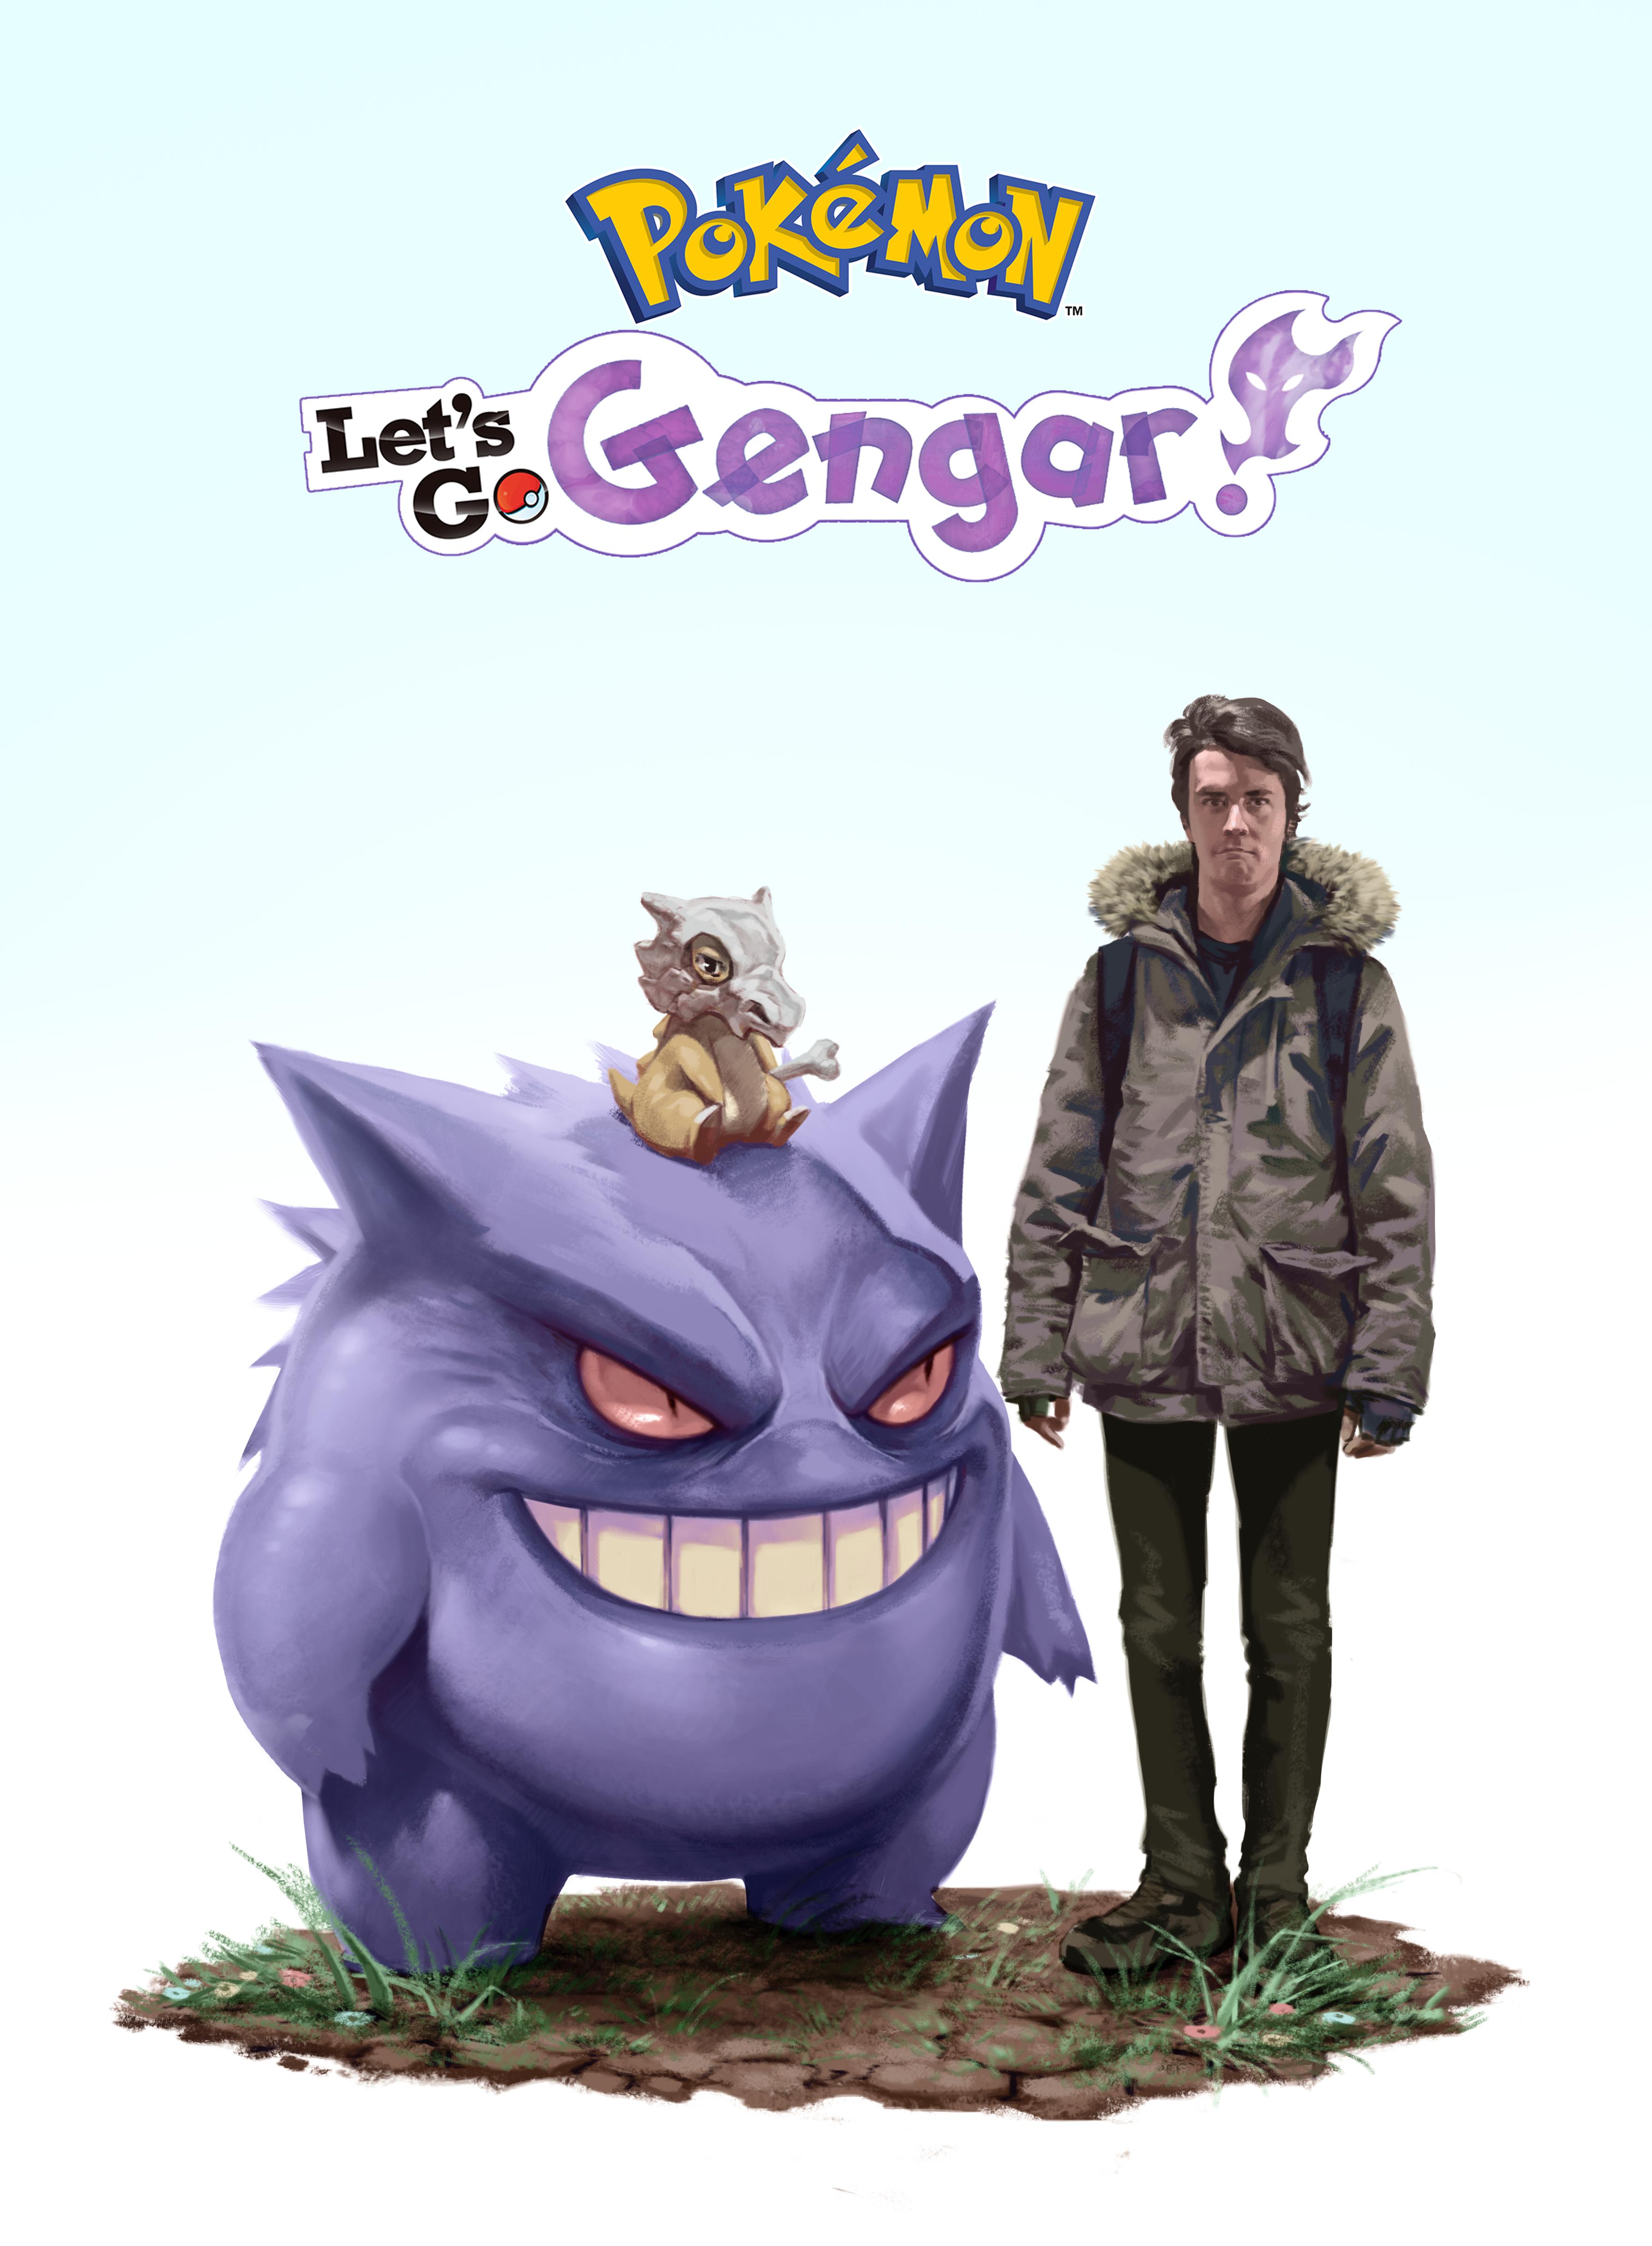 d8a3eb422 Art Commission] Pokémon: Let's Go Gengar! | Pokemon Go Moments ...